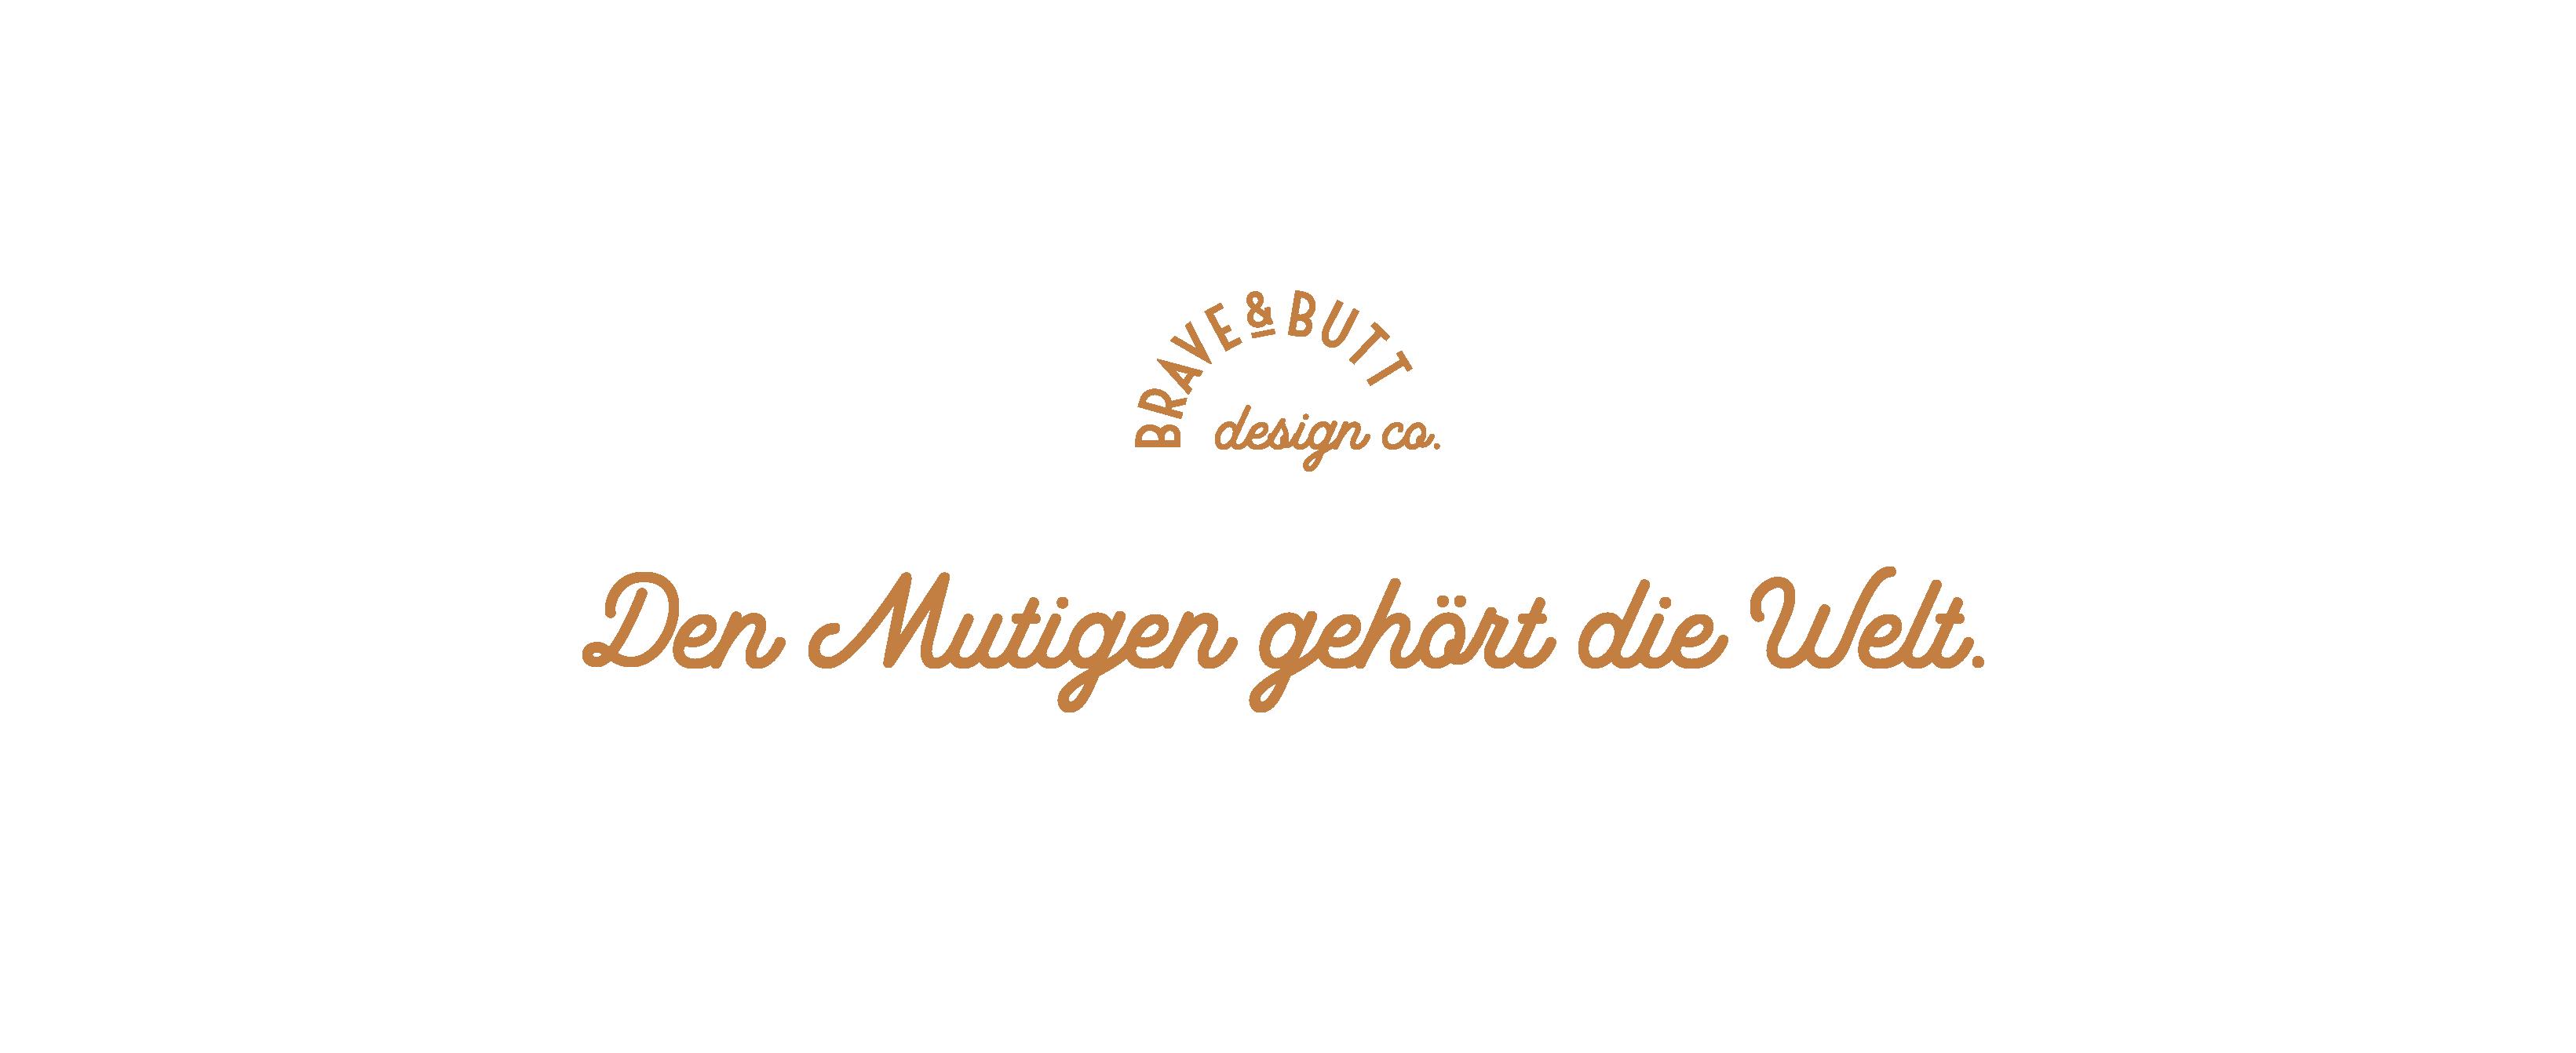 Logo-Grafik: Den Mutigen gehört die Welt, Slogan der Branding-Agentur.